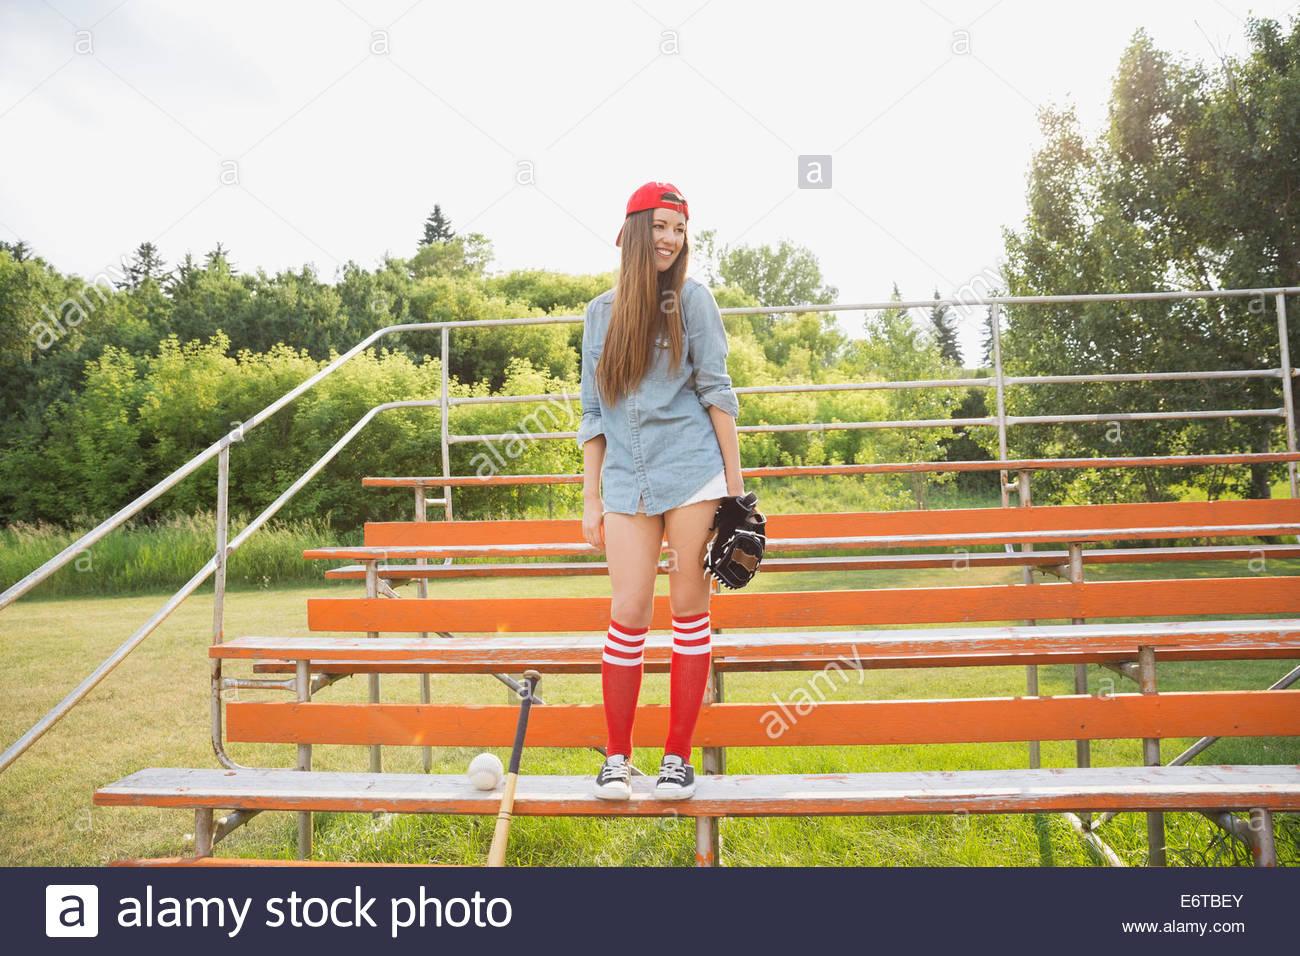 Baseball player standing in bleachers - Stock Image